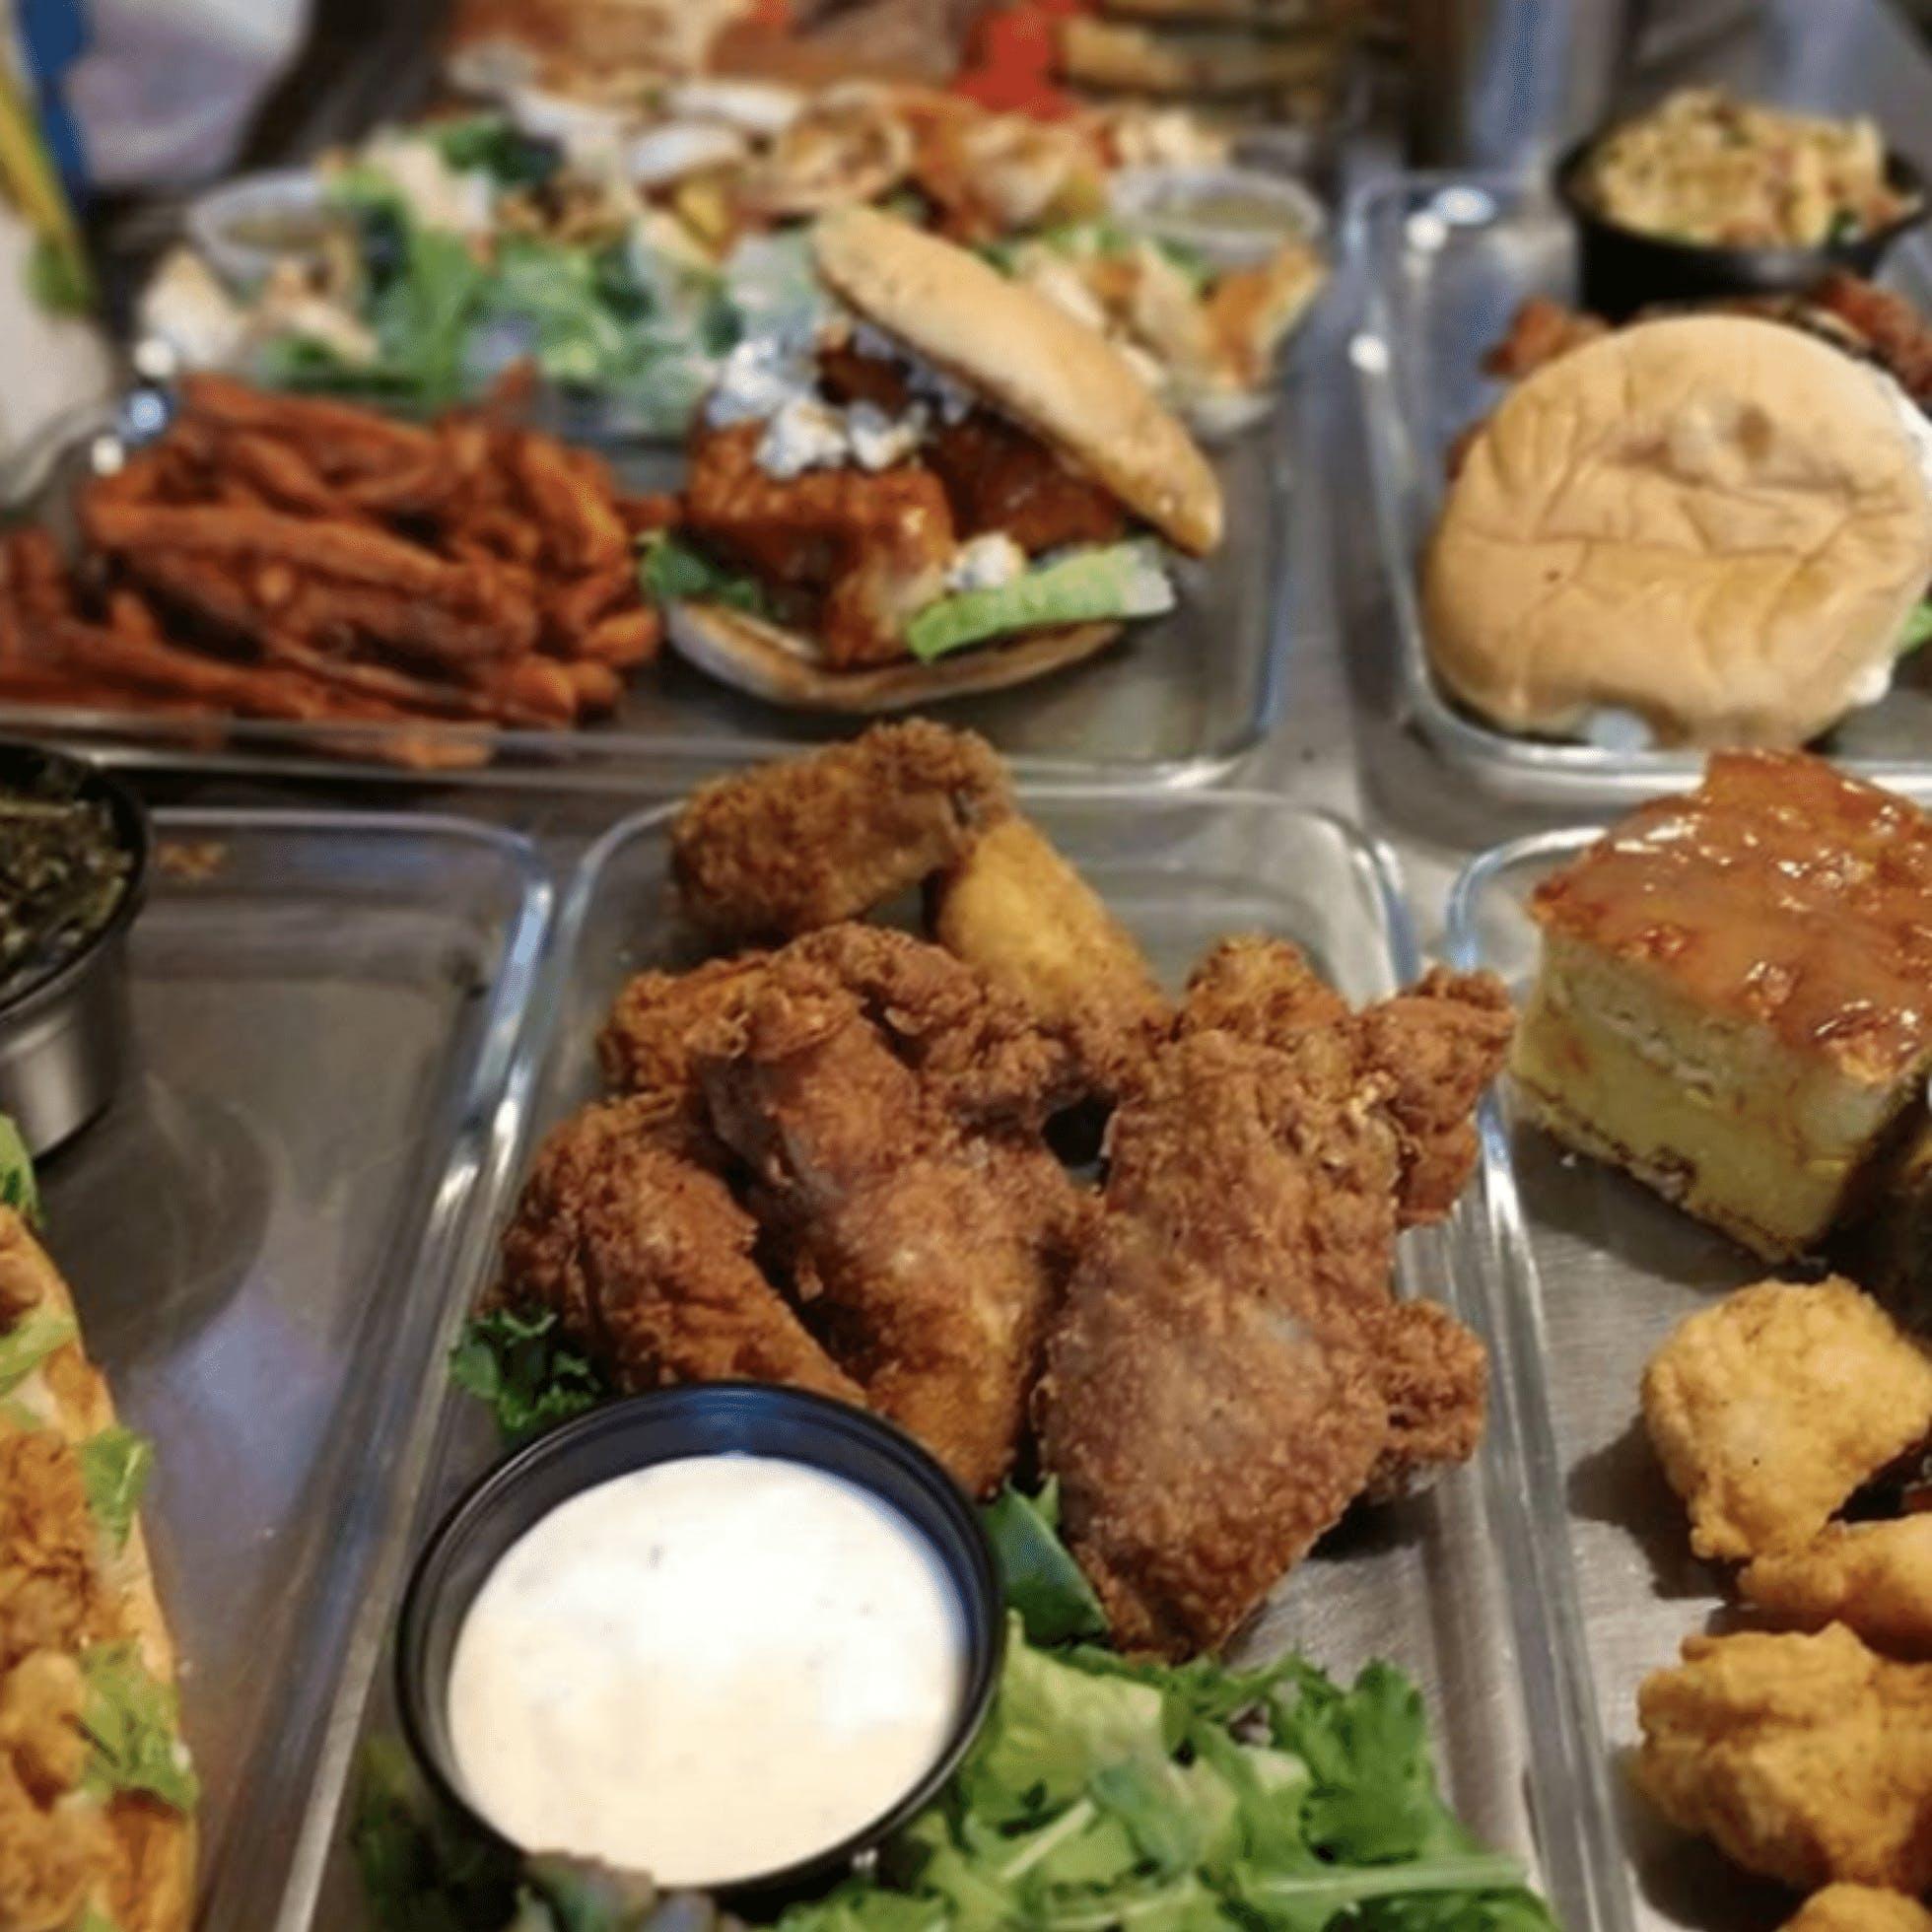 Fried Chicken, Cornbread, Sandwich, Fries from Big Herm's Kitchen in Richmond VA